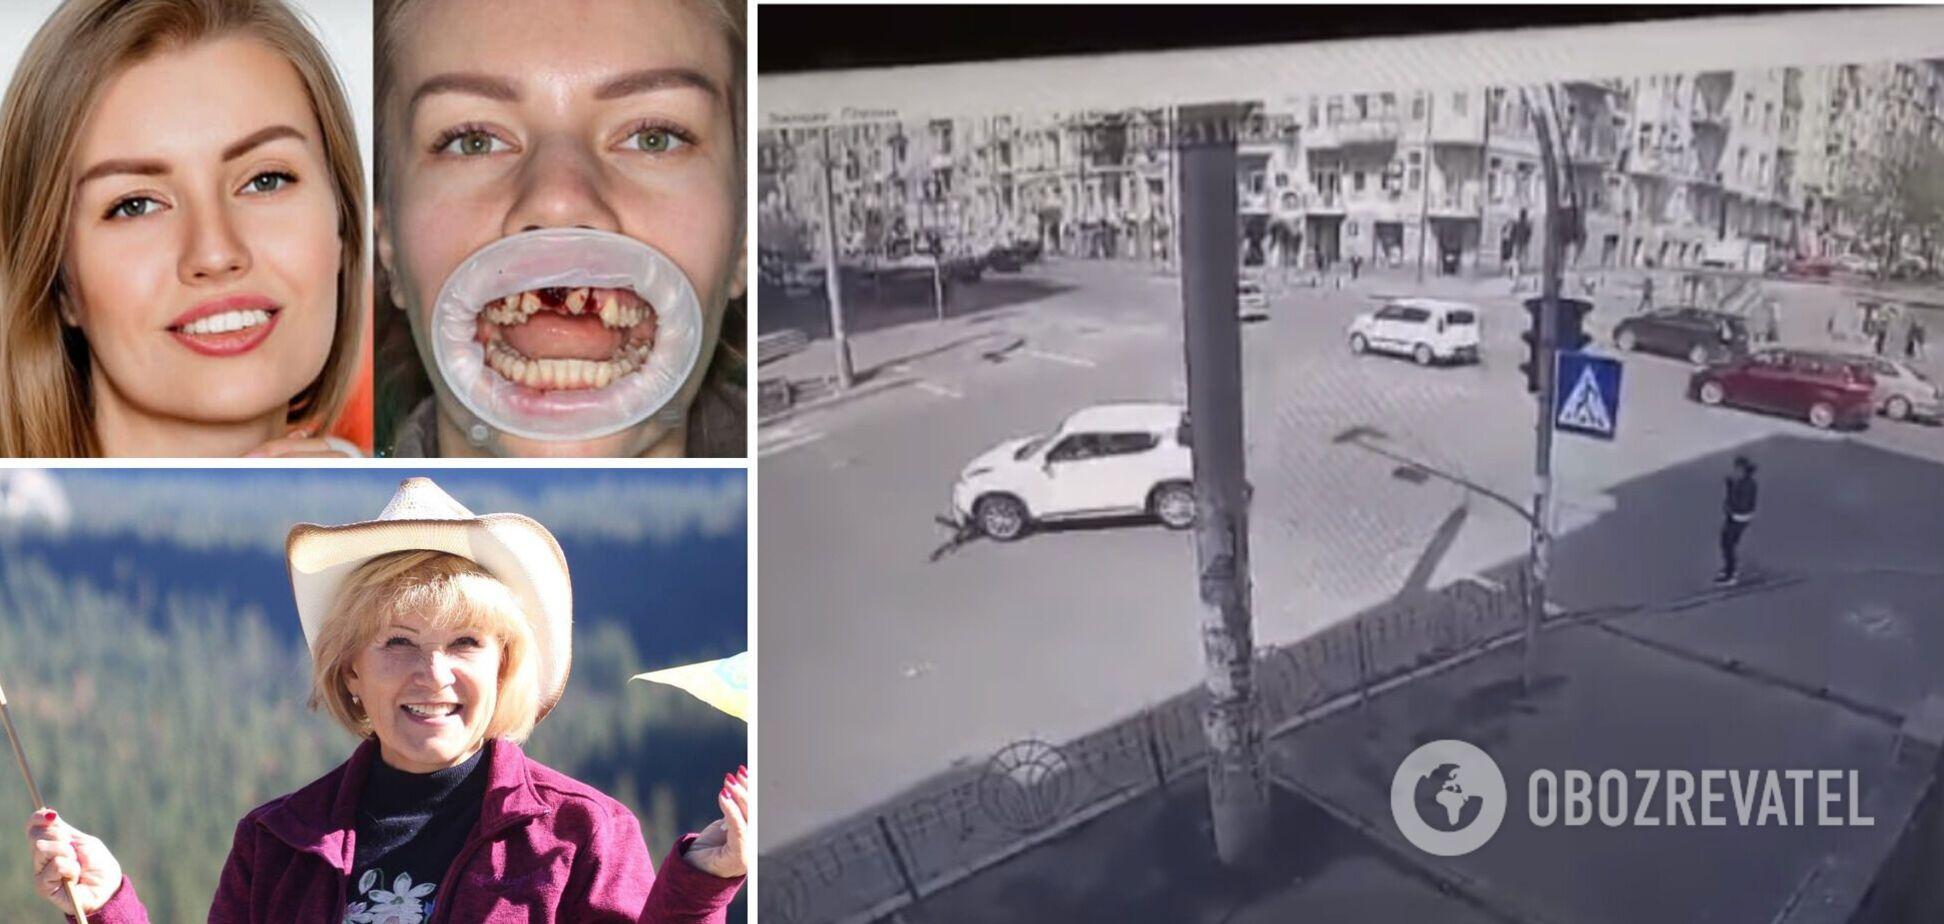 ДТП із колишньою лікаркою СЕС Києва: постраждала дівчина втратила передні зуби та не зможе сама народжувати